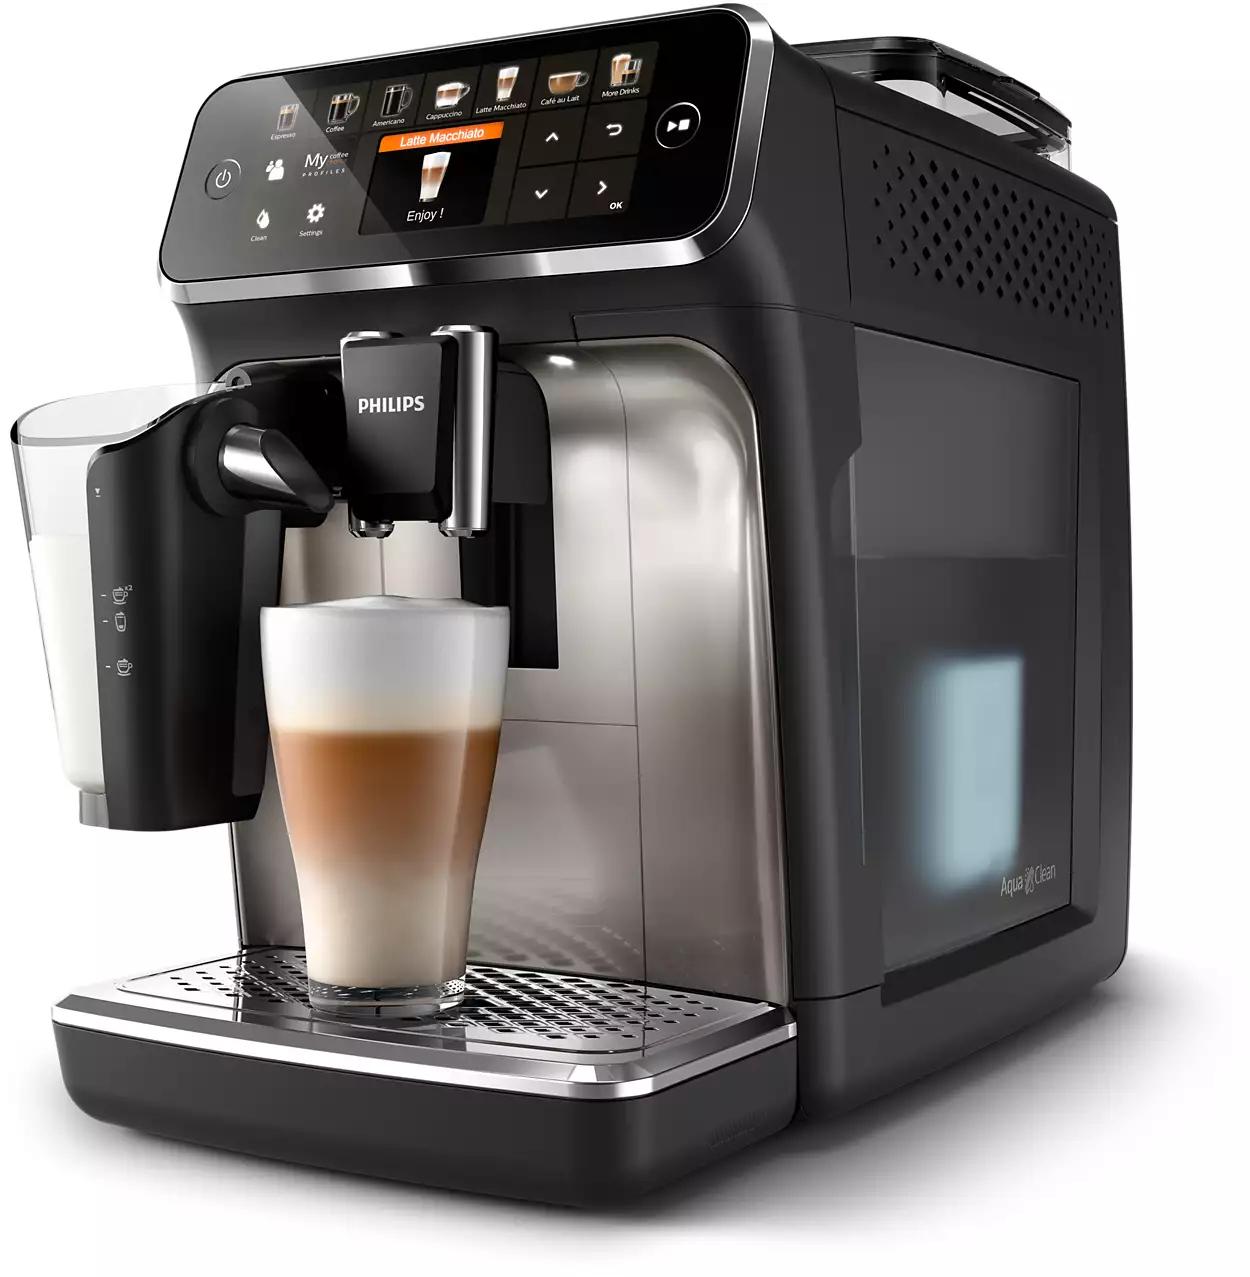 Machines espresso entièrement automatiques Philips 5400 Series EP5447/90 (Via Code)